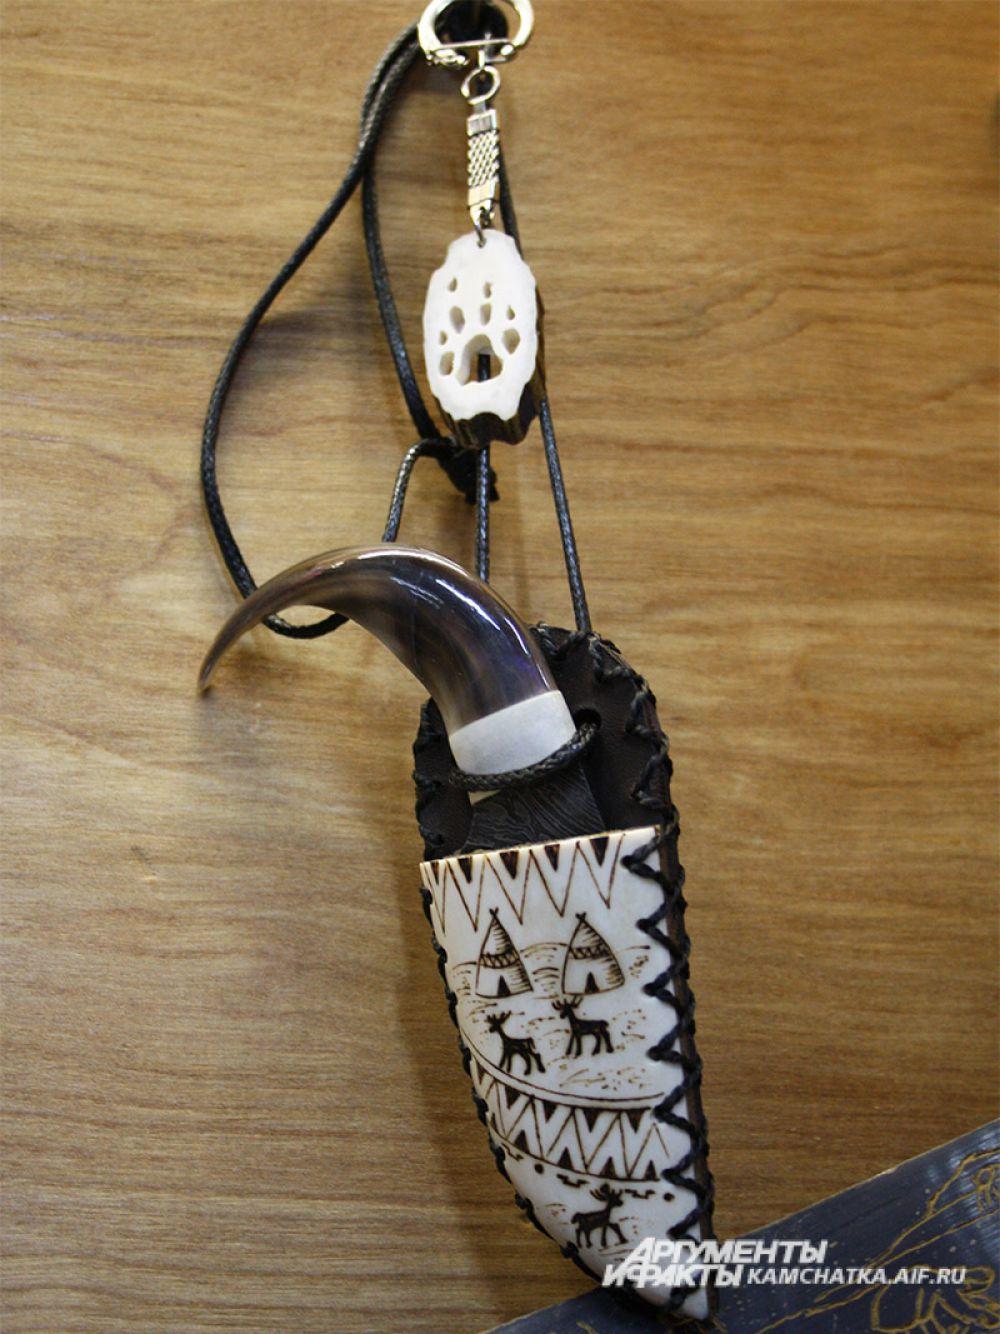 Нож коготь-амулет использовался как ритуальный нож, когда кочевник в тундре попадал в пургу на несколько дней. После того, как заканчивалась пища, он пил свежую кровь оленя или собаки, которая была рядом с ним.